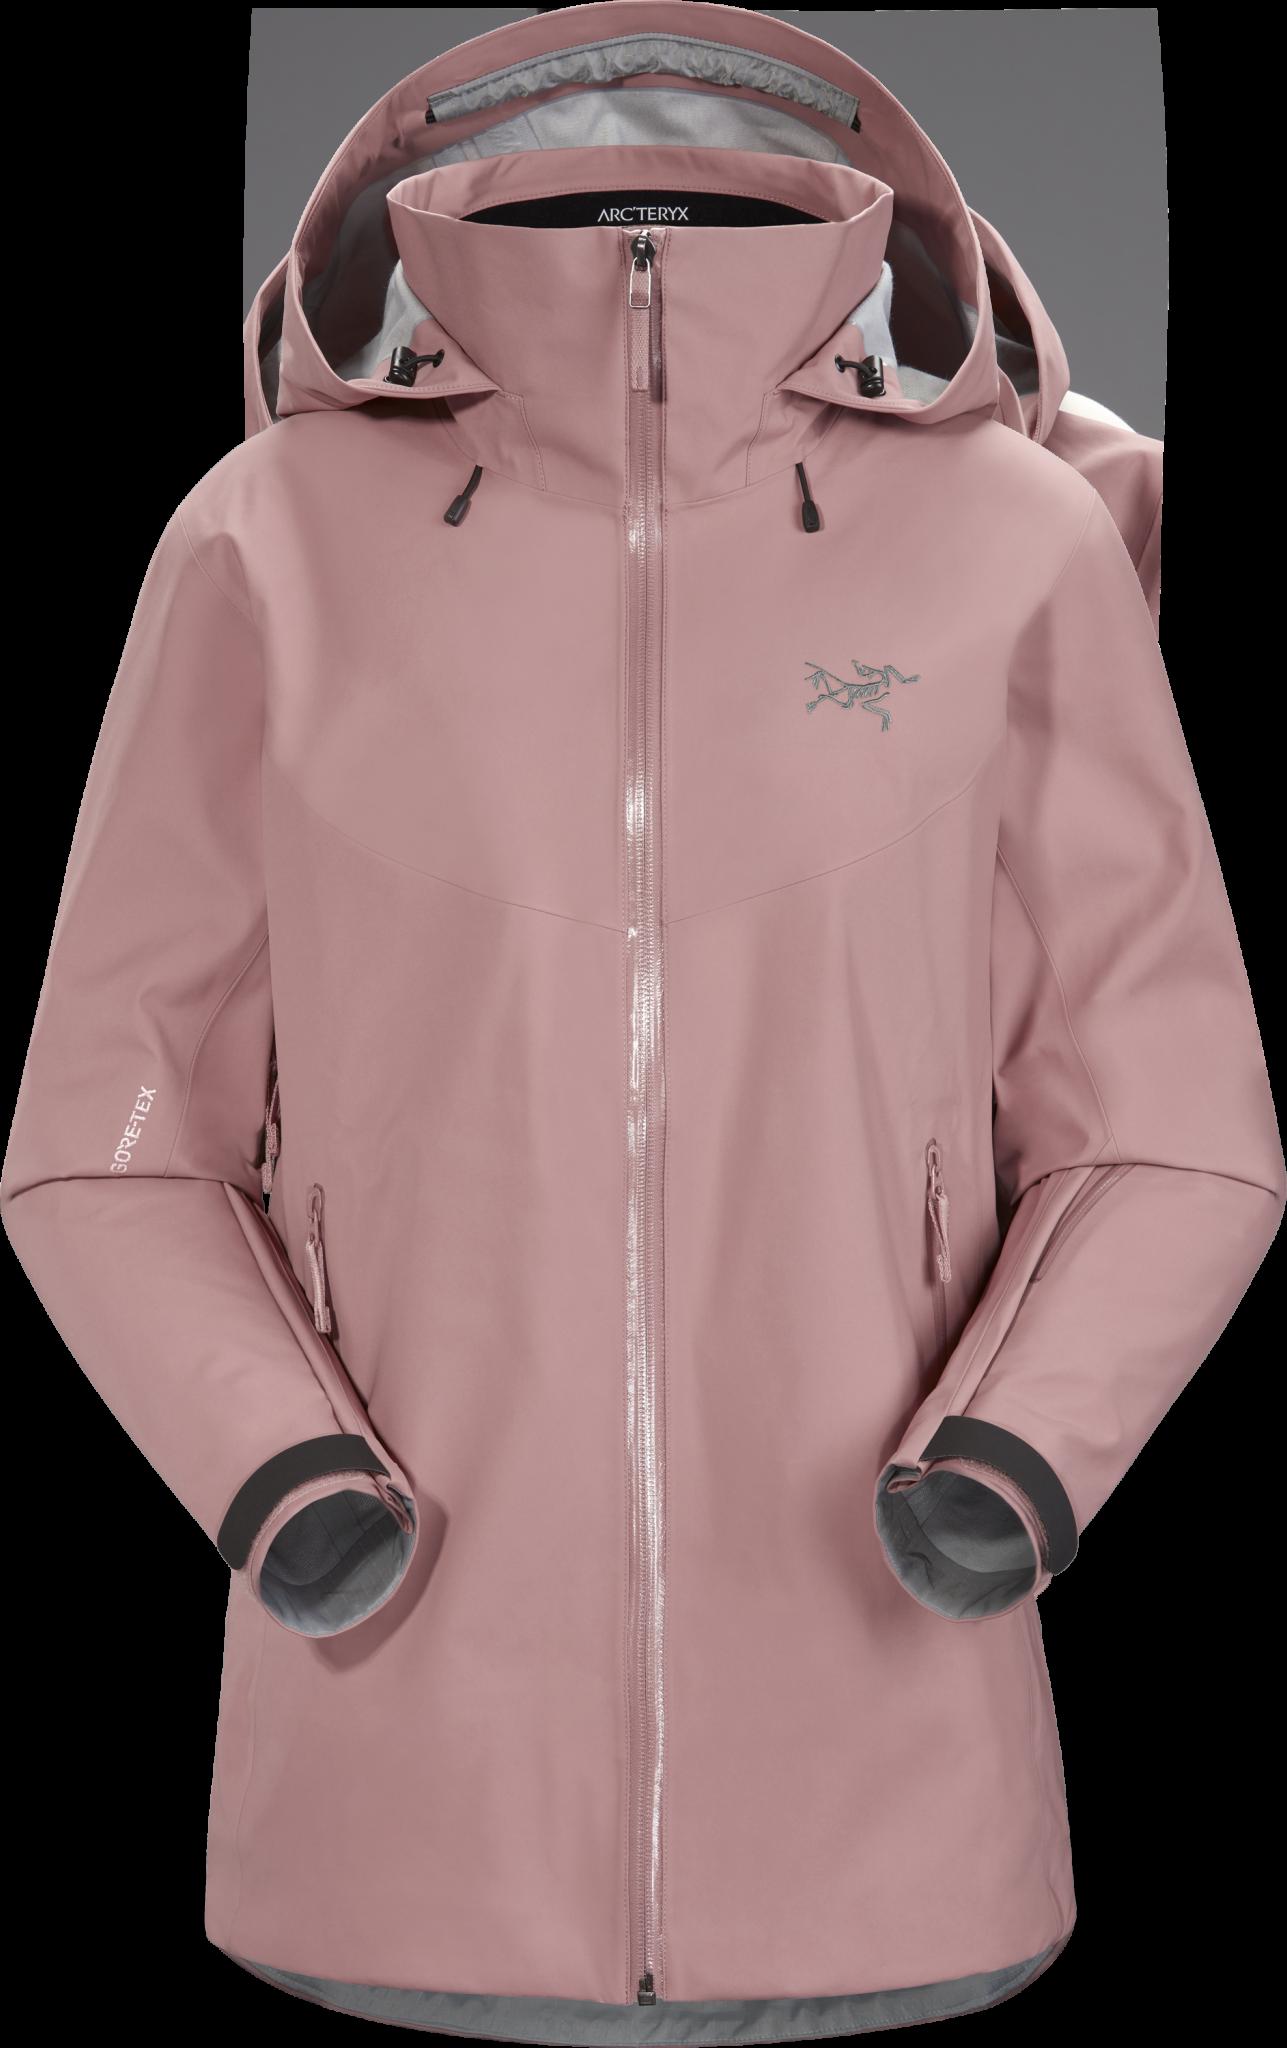 Arc'teryx Ravenna LT Jacket Women's-1